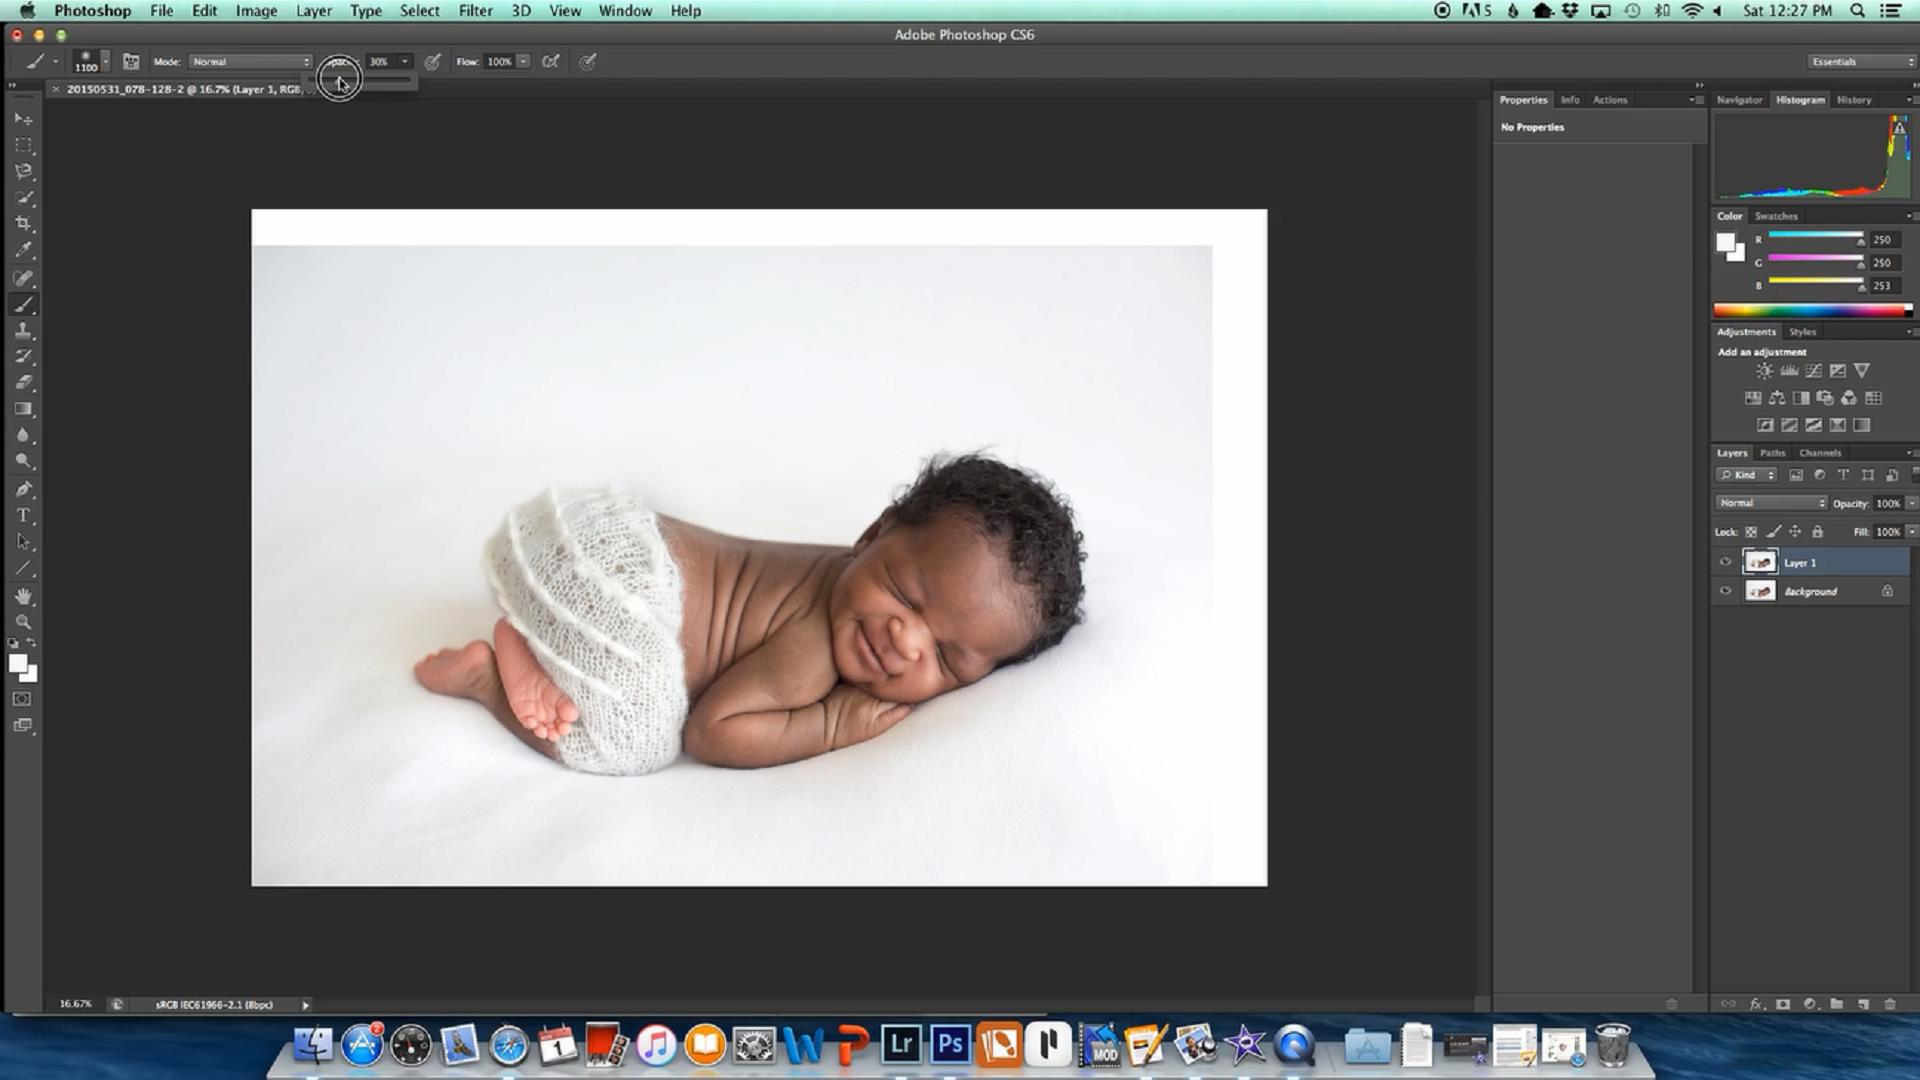 摄影教程_Bethney Backhaus 掌握新生儿摄影的极简主义风格教程 摄影教程 _预览图10